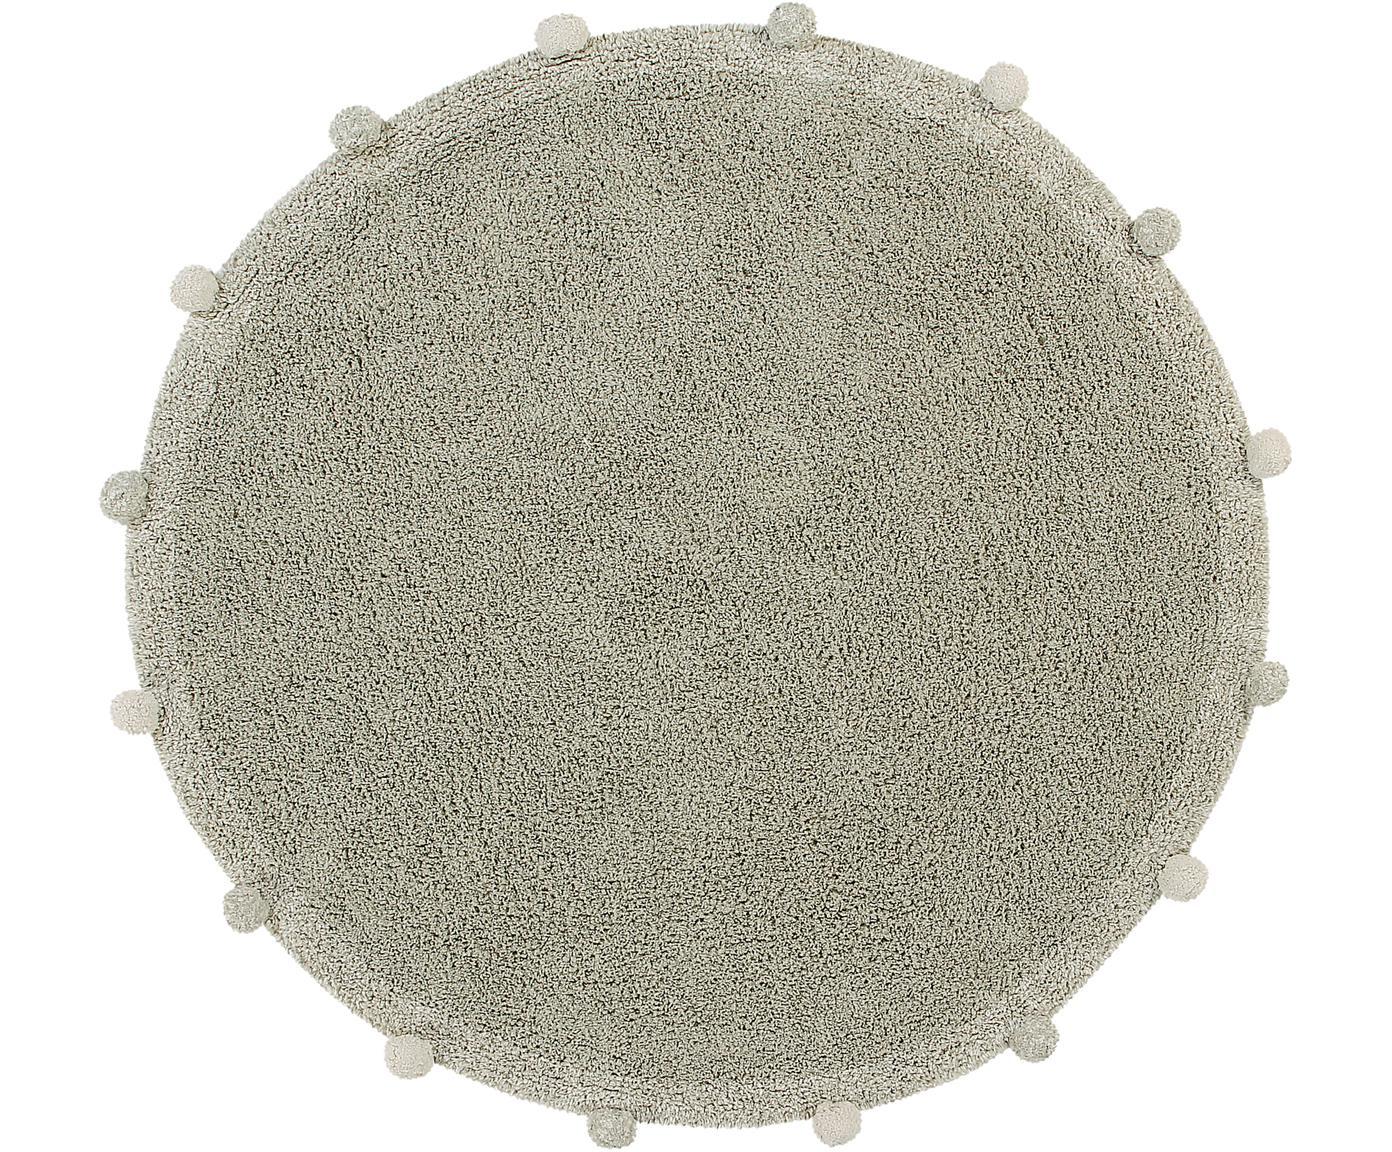 Runder Teppich Bubbly mit Pompoms, handgefertigt, Flor: 97% recycelte Baumwolle, , Grün, Cremefarben, Ø 120 cm (Größe S)